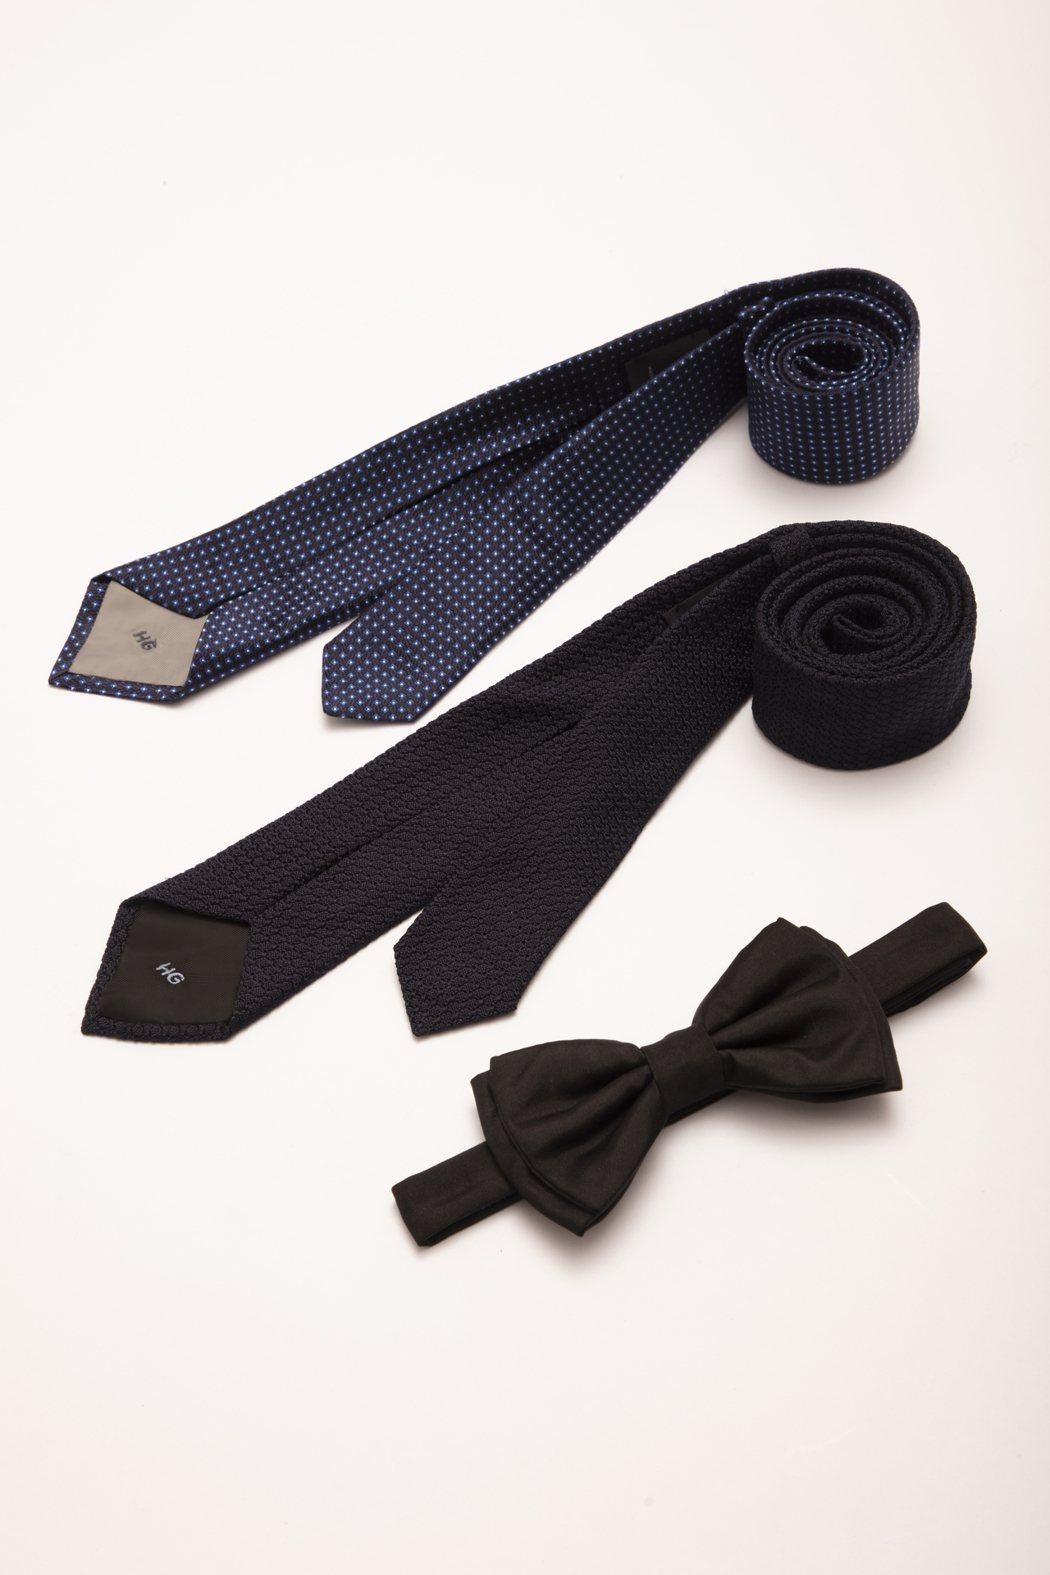 婚禮的領帶、領結飾有韓庚英文名字首字母的「HG」字樣。圖/BOSS提供